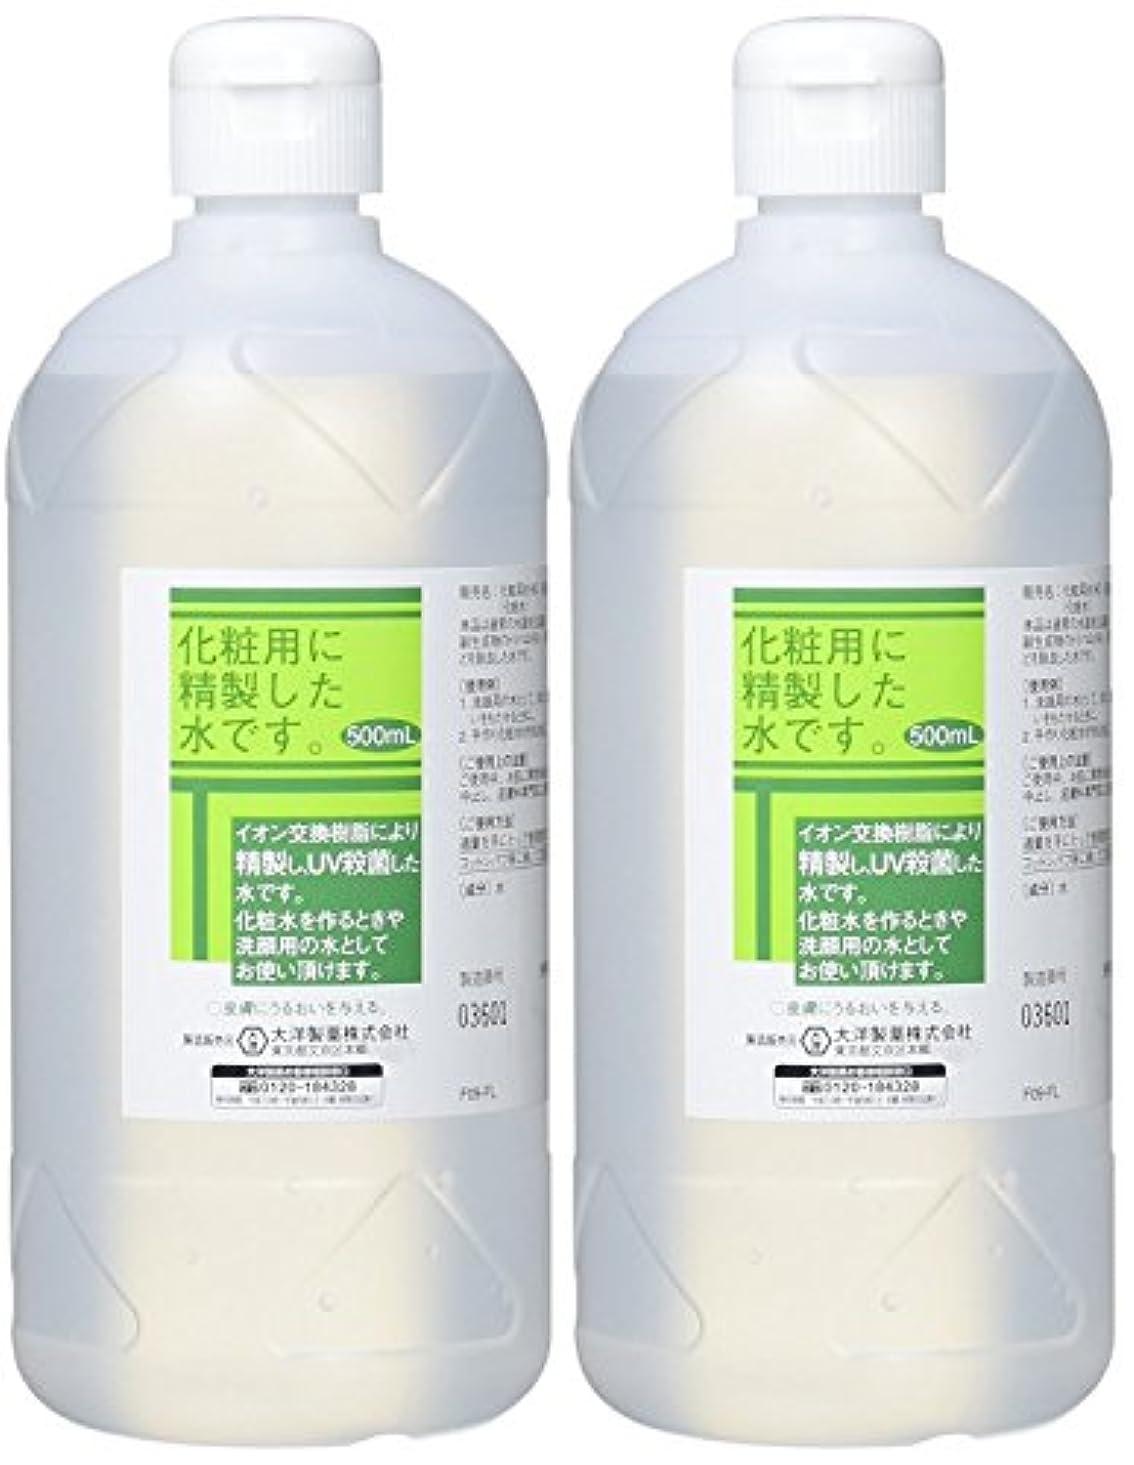 冷蔵する討論欠乏化粧用 精製水 HG 500ml×2個